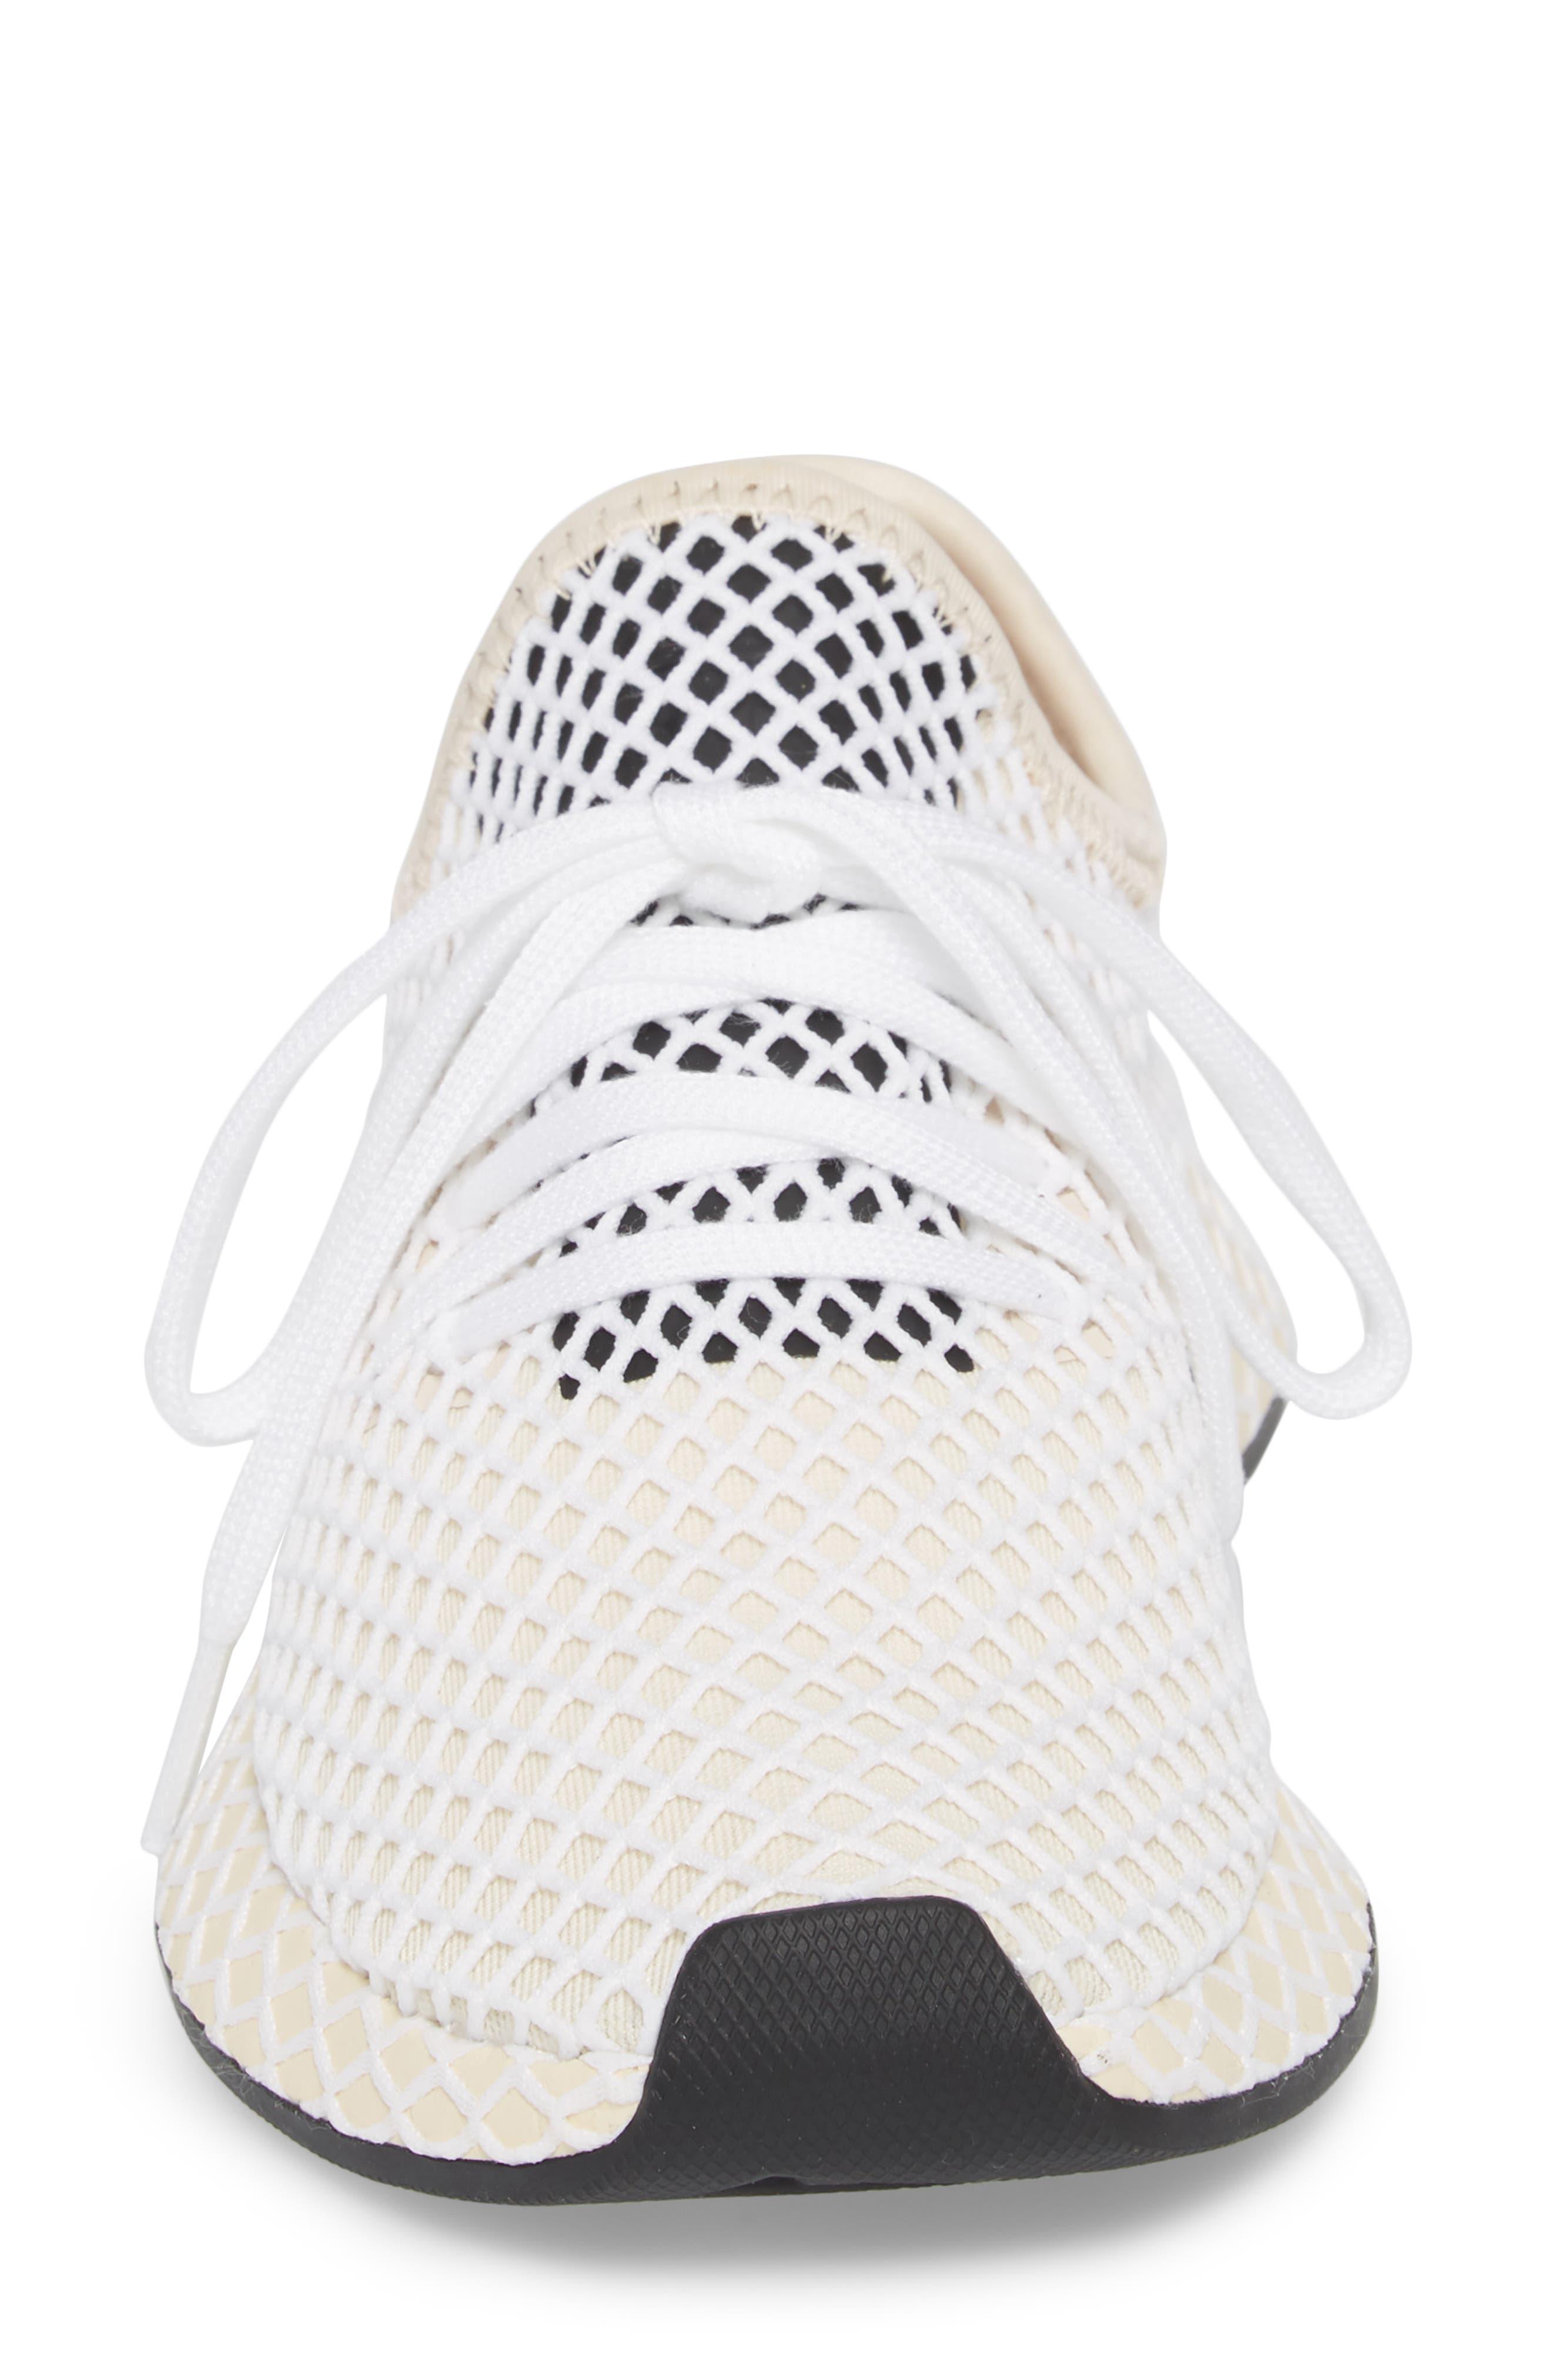 Deerupt Runner Sneaker,                             Alternate thumbnail 4, color,                             Linen/ Linen/ Ecru Tint